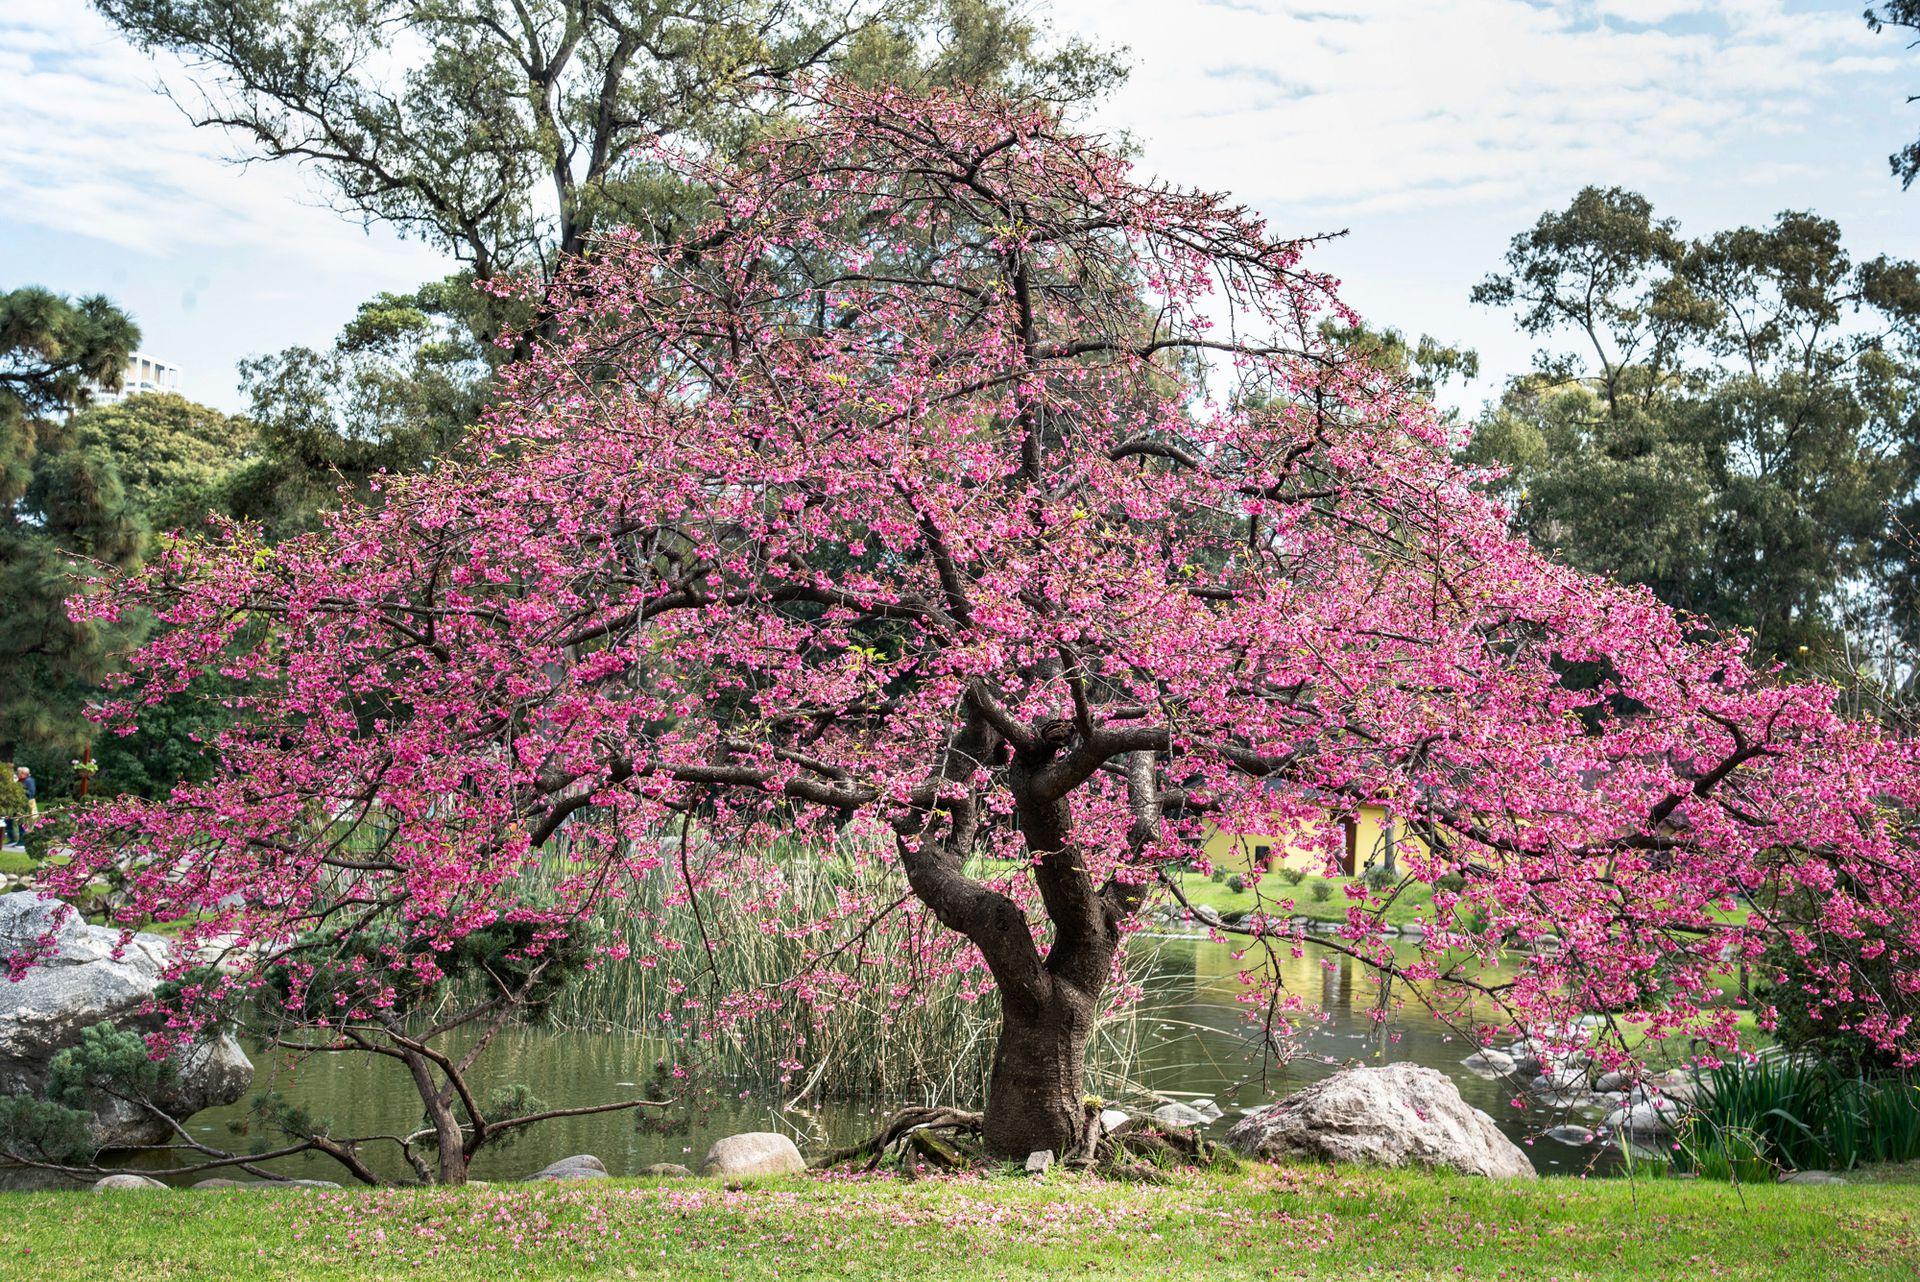 La variedad de cerezos o sakura propia de Okinawa, de flores rosadas en tono más oscuro, fueron traídas al parque porteño desde esas islas de Japón, mientras que las más claras fueron cultivadas en Escobar, provincia de Buenos Aires.